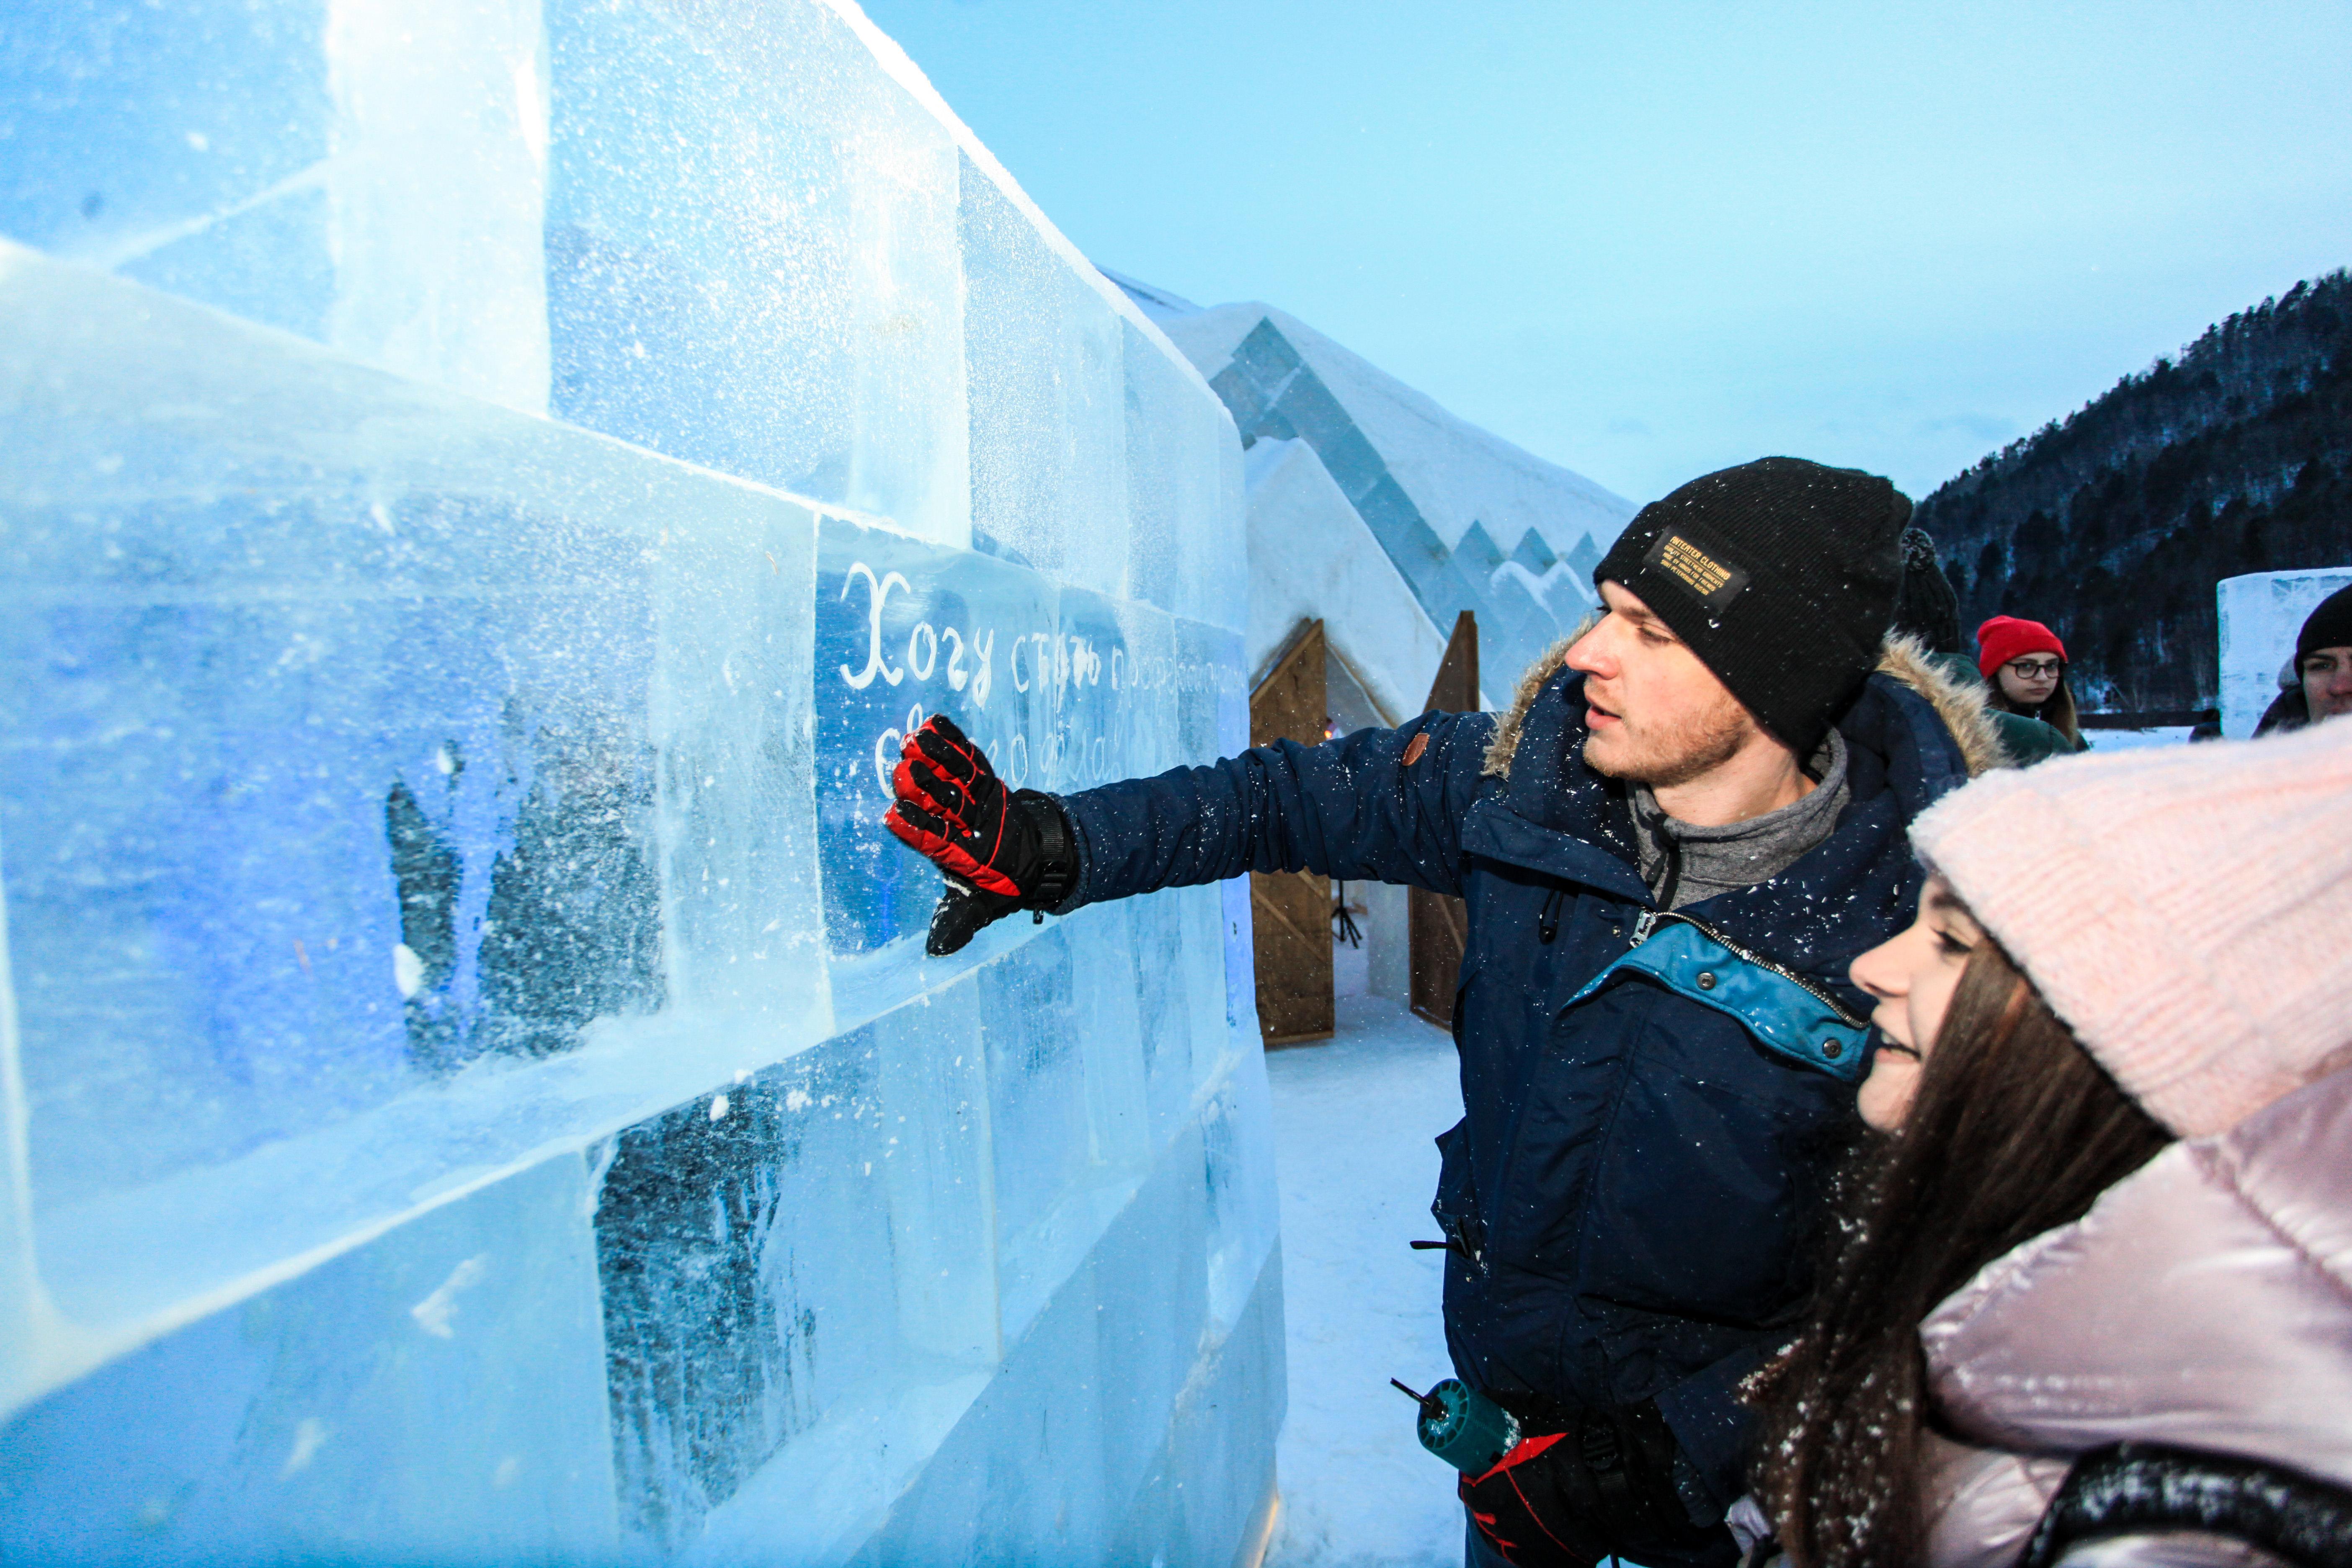 листвянка ледяной городок фото объявления рубрике, продажа